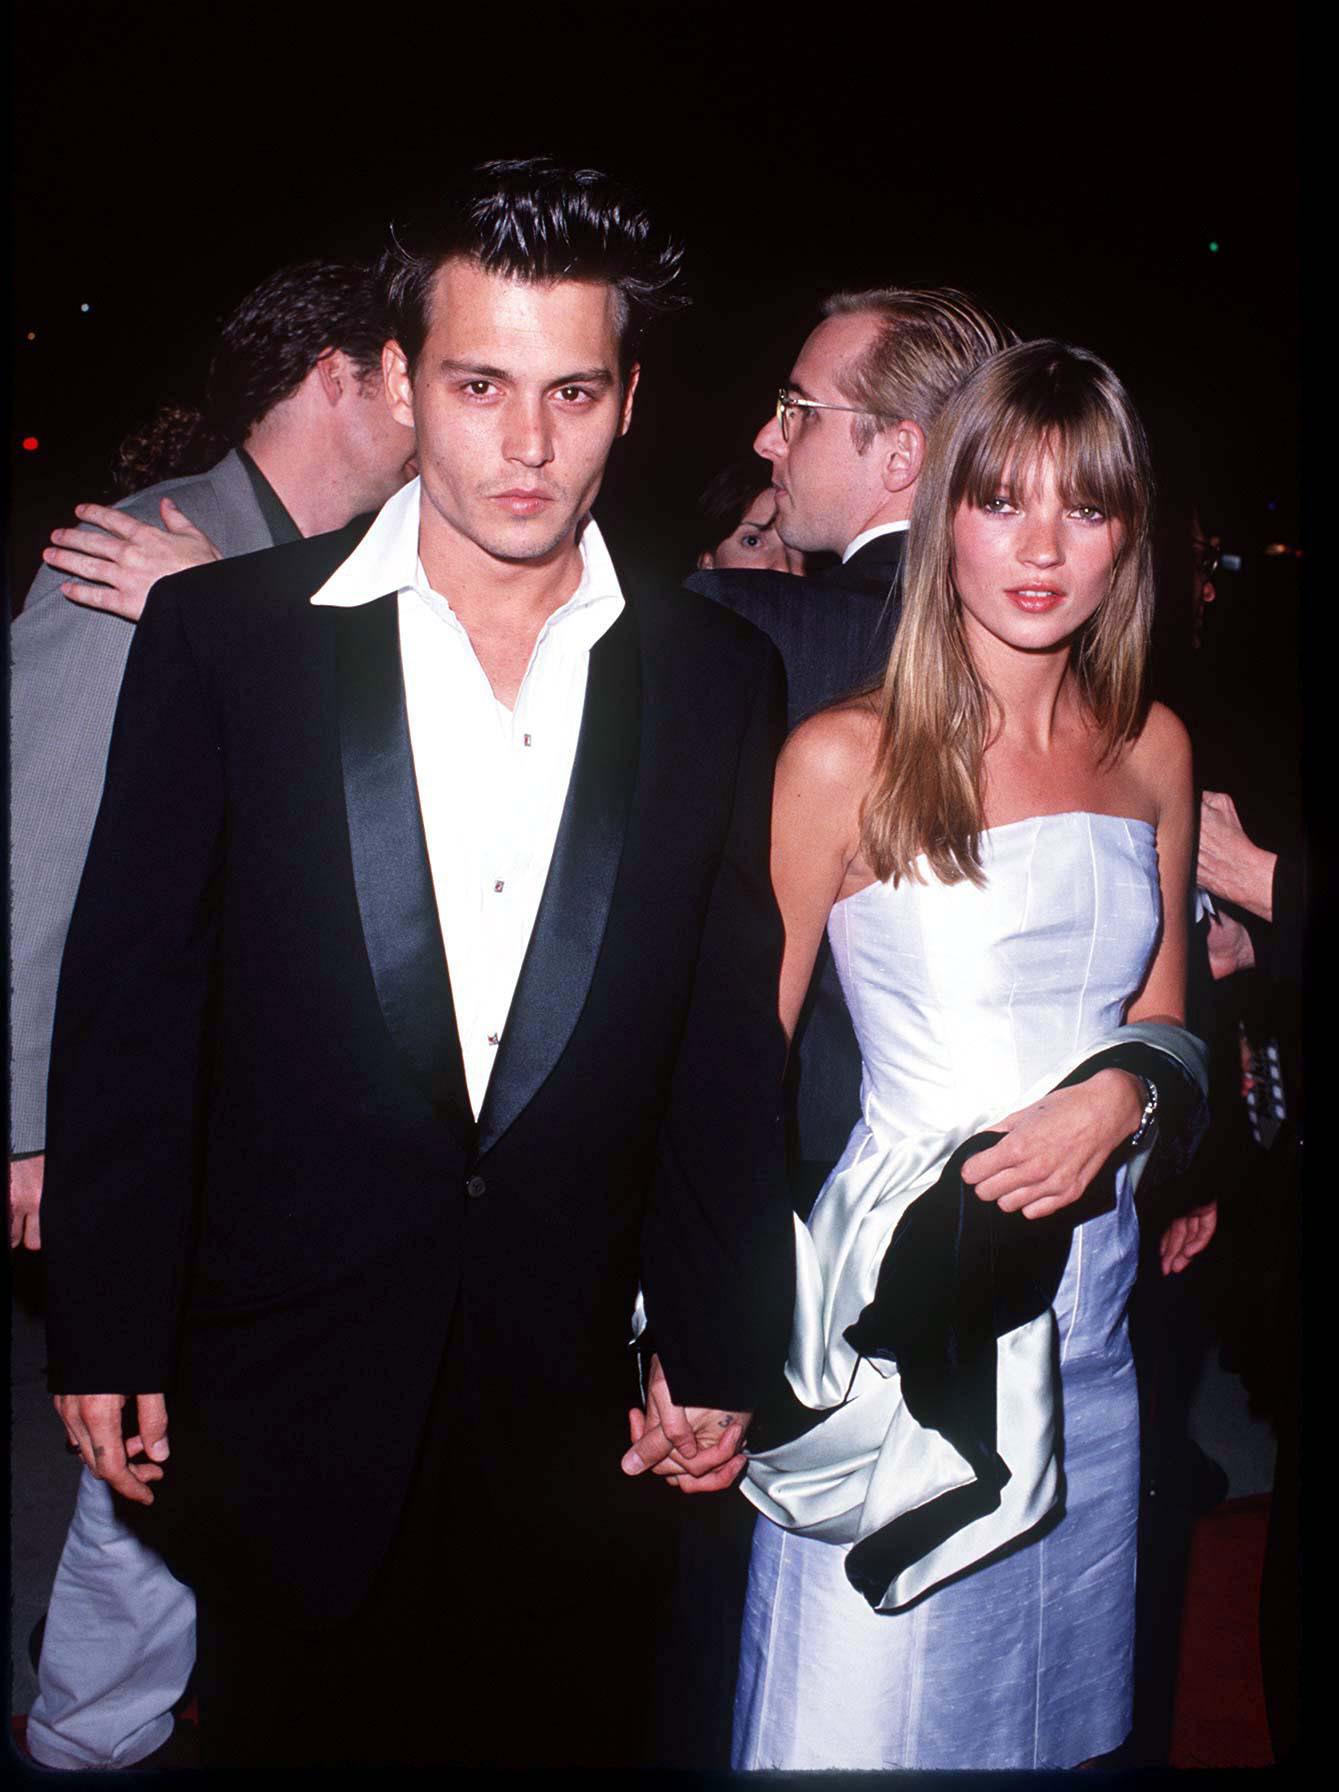 Kate Moss und Johnny Depp galte von 1994 bis 1998 als DAS Traumpaar schlechthin.